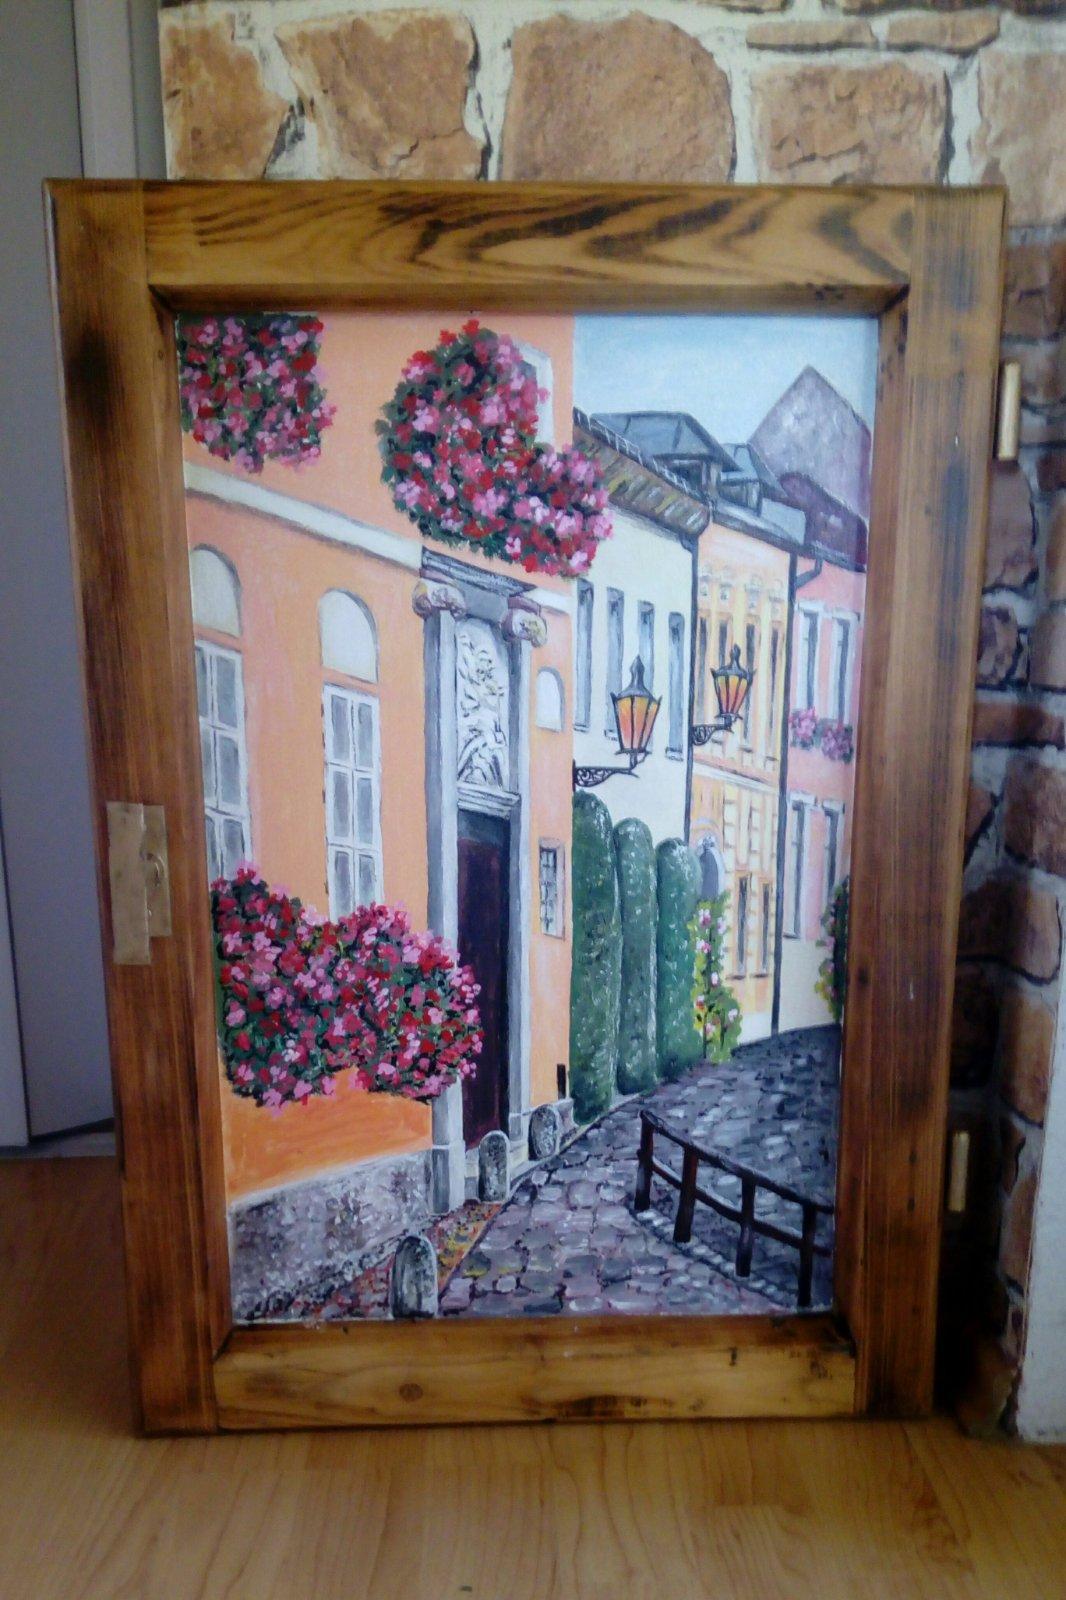 Obraz v starom okennom ráme Banská Štiavnica - Obrázok č. 1